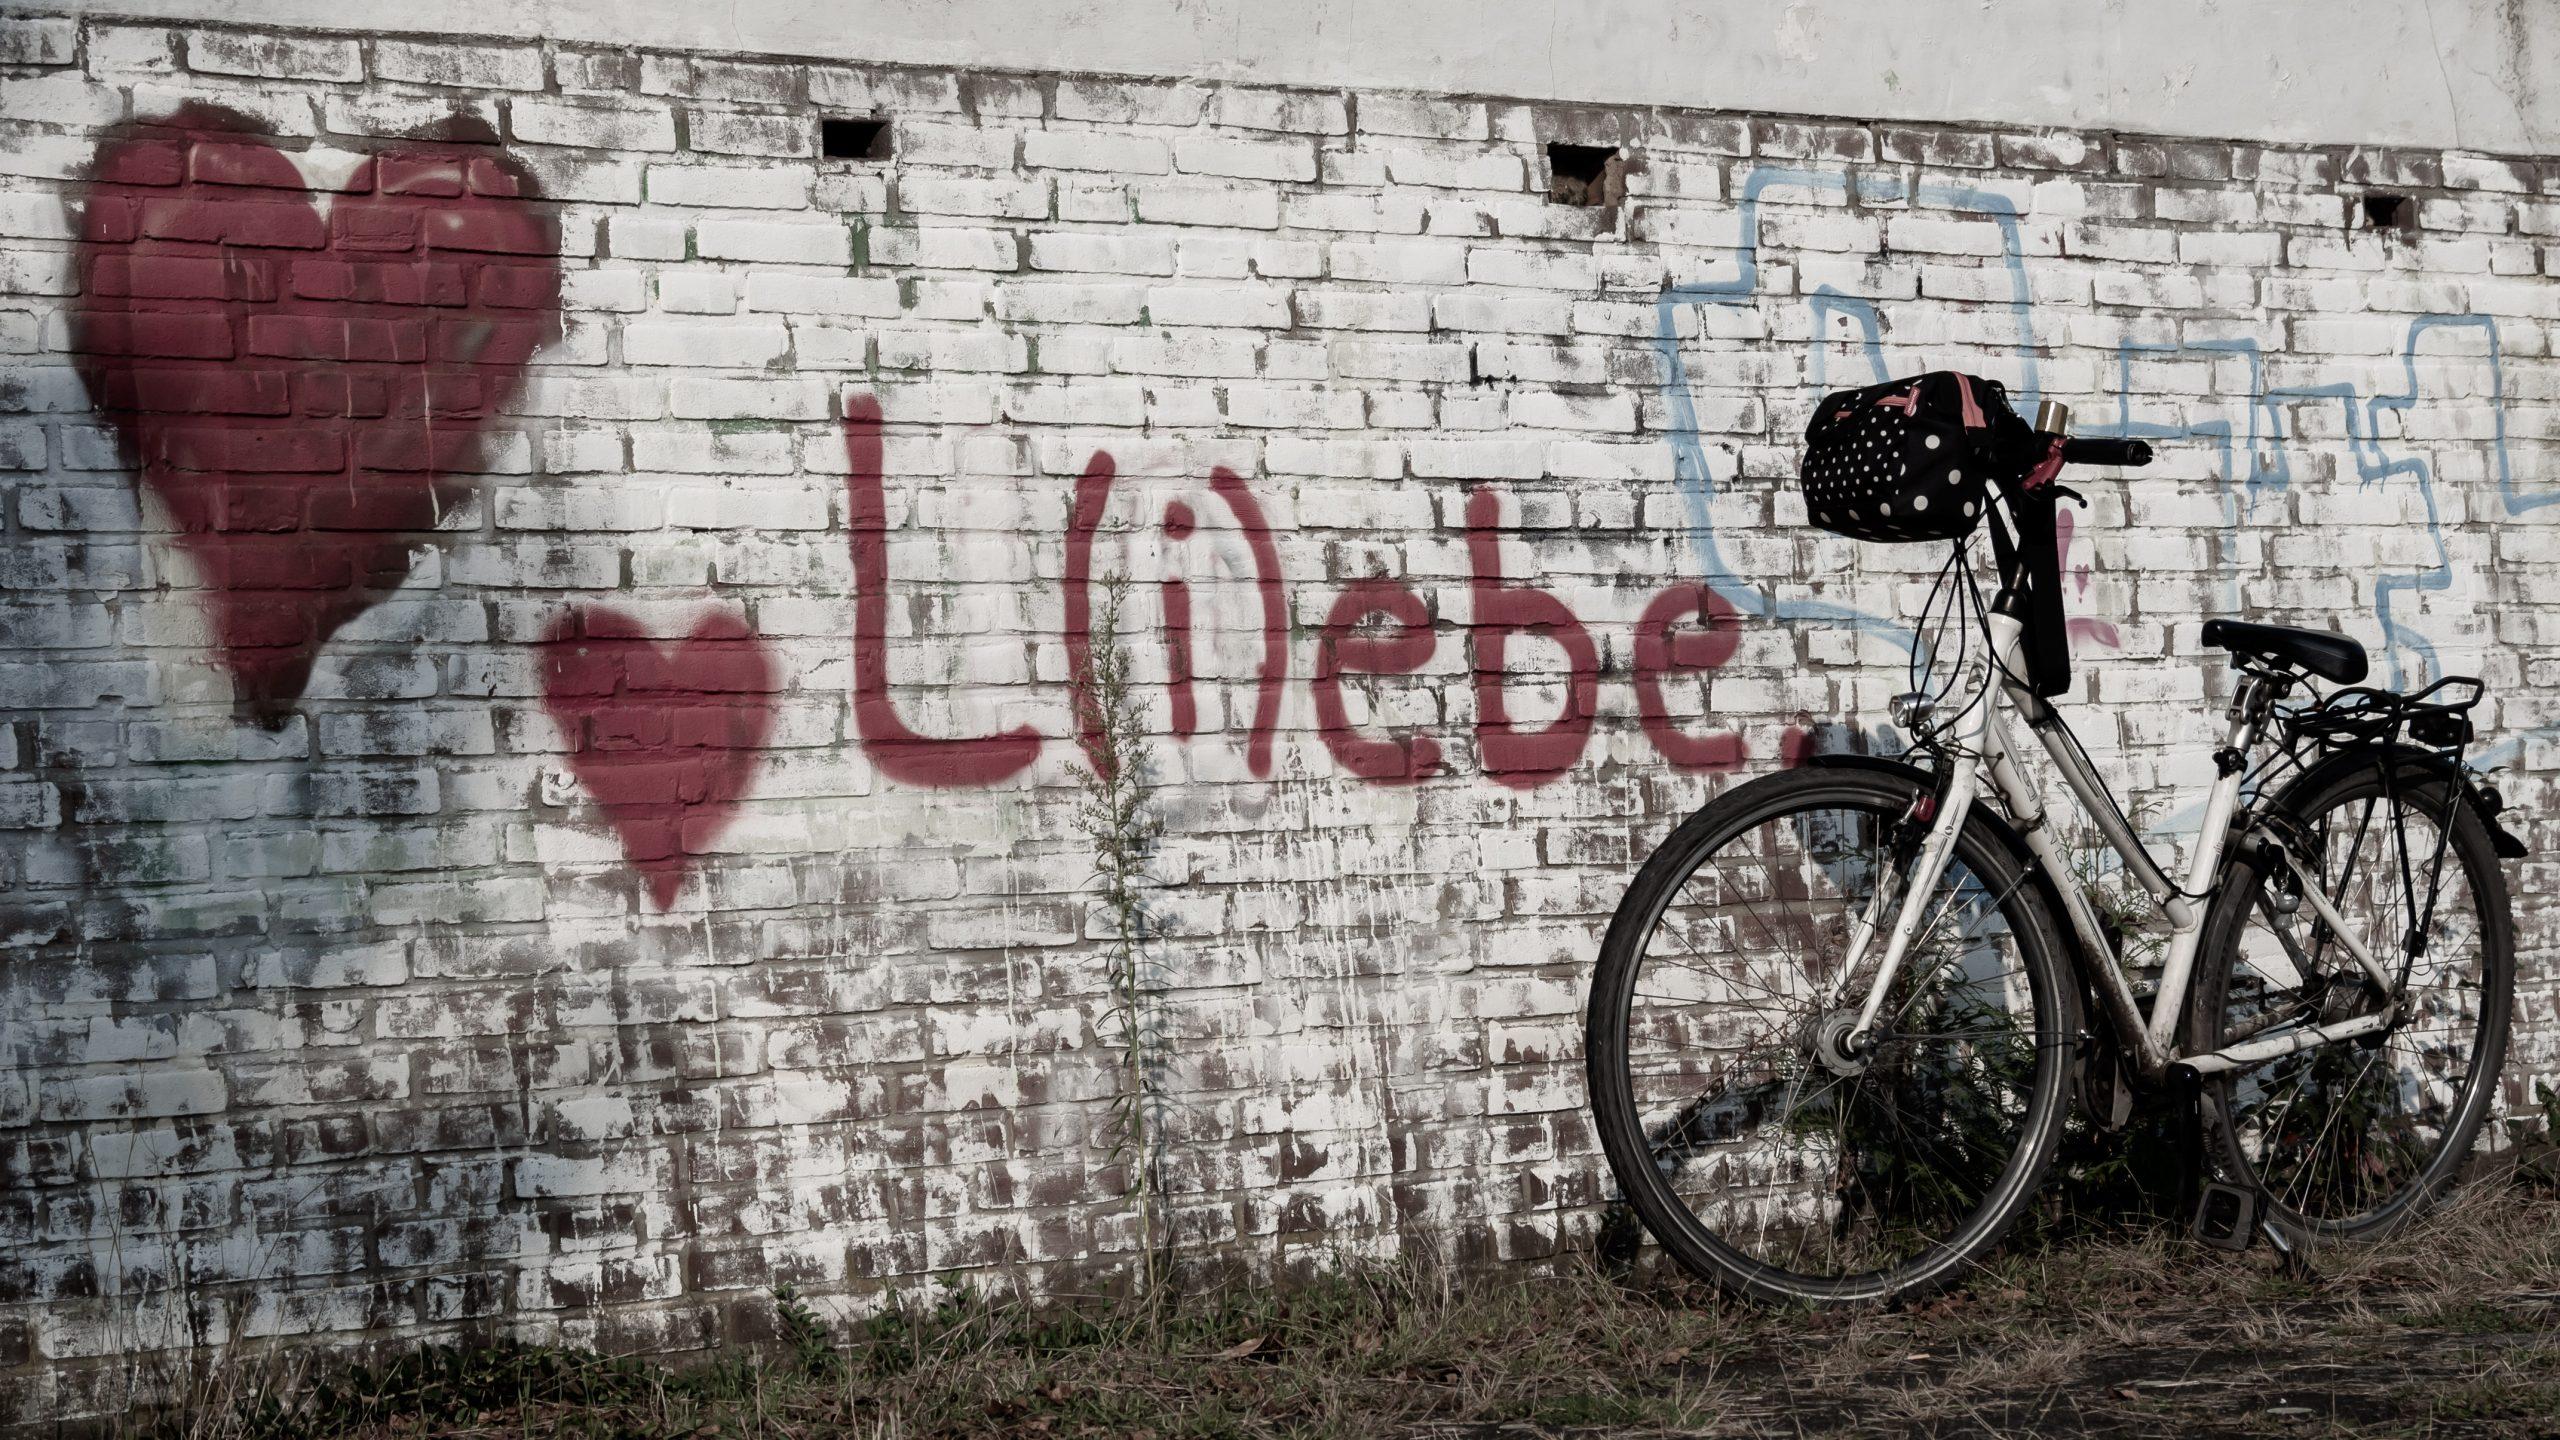 Herz mit der Aufschrift Liebe an einer Mauer mit einem Fahrrad davor.